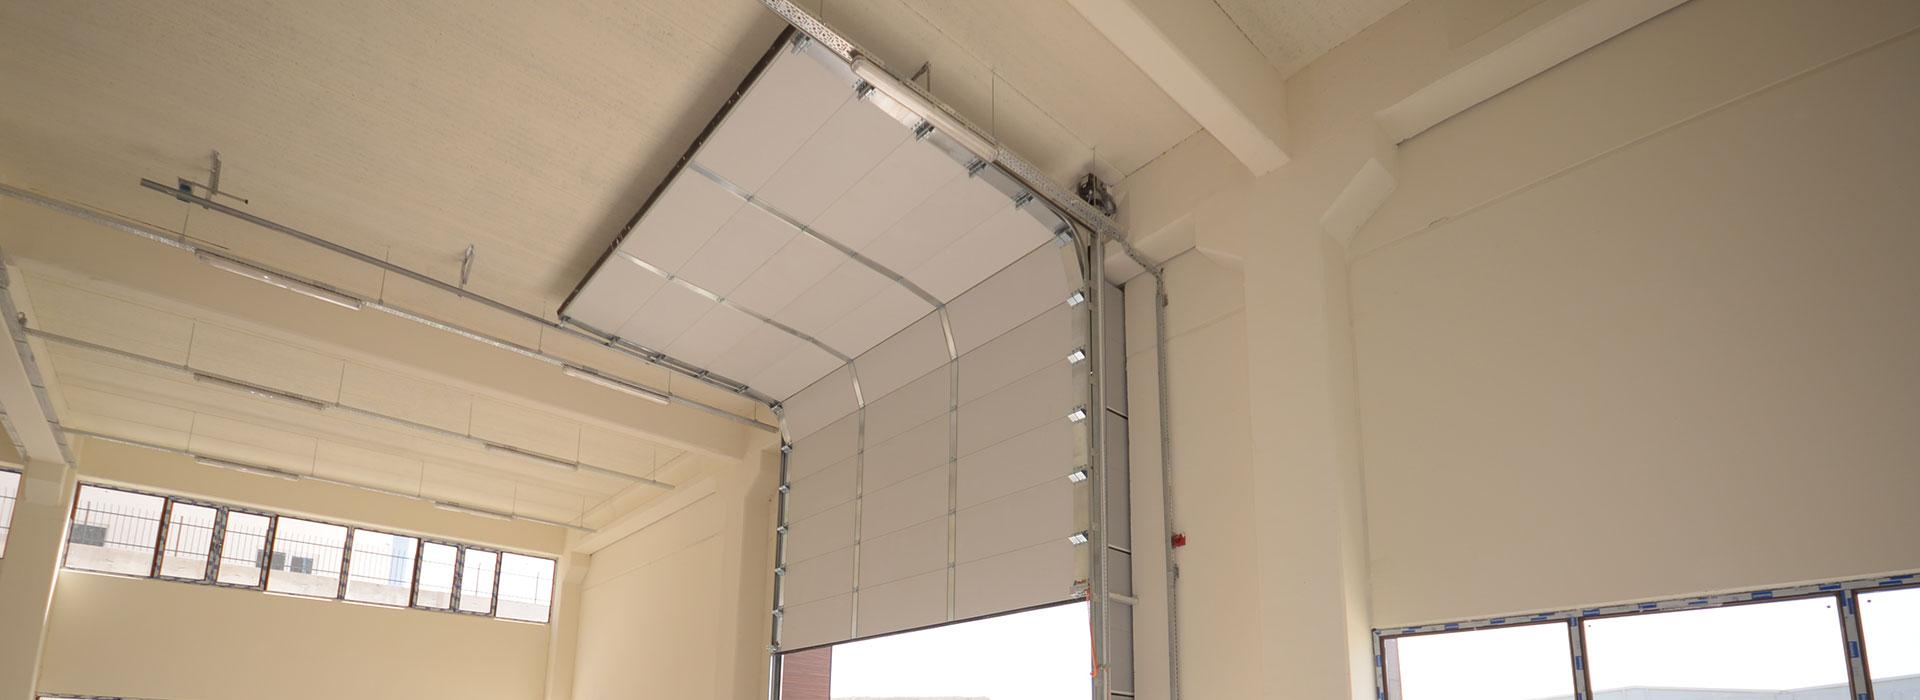 Dimak Industrial Door